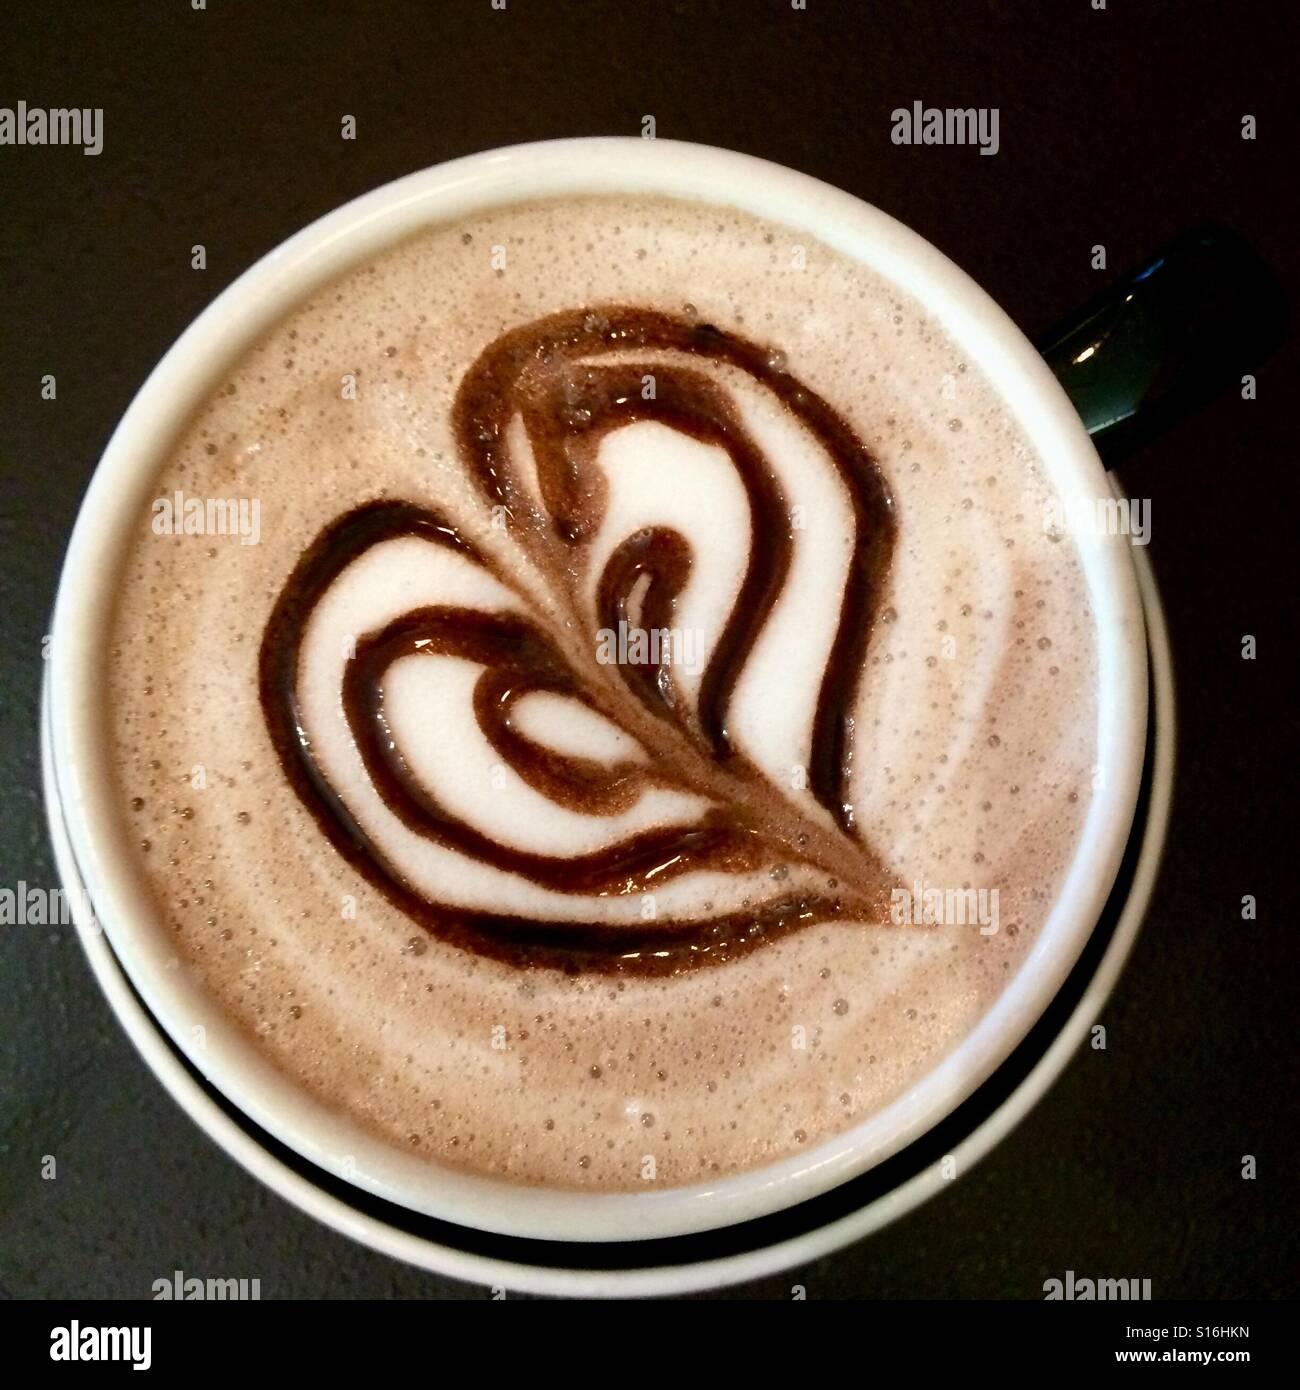 Posh hot chocolate - Stock Image